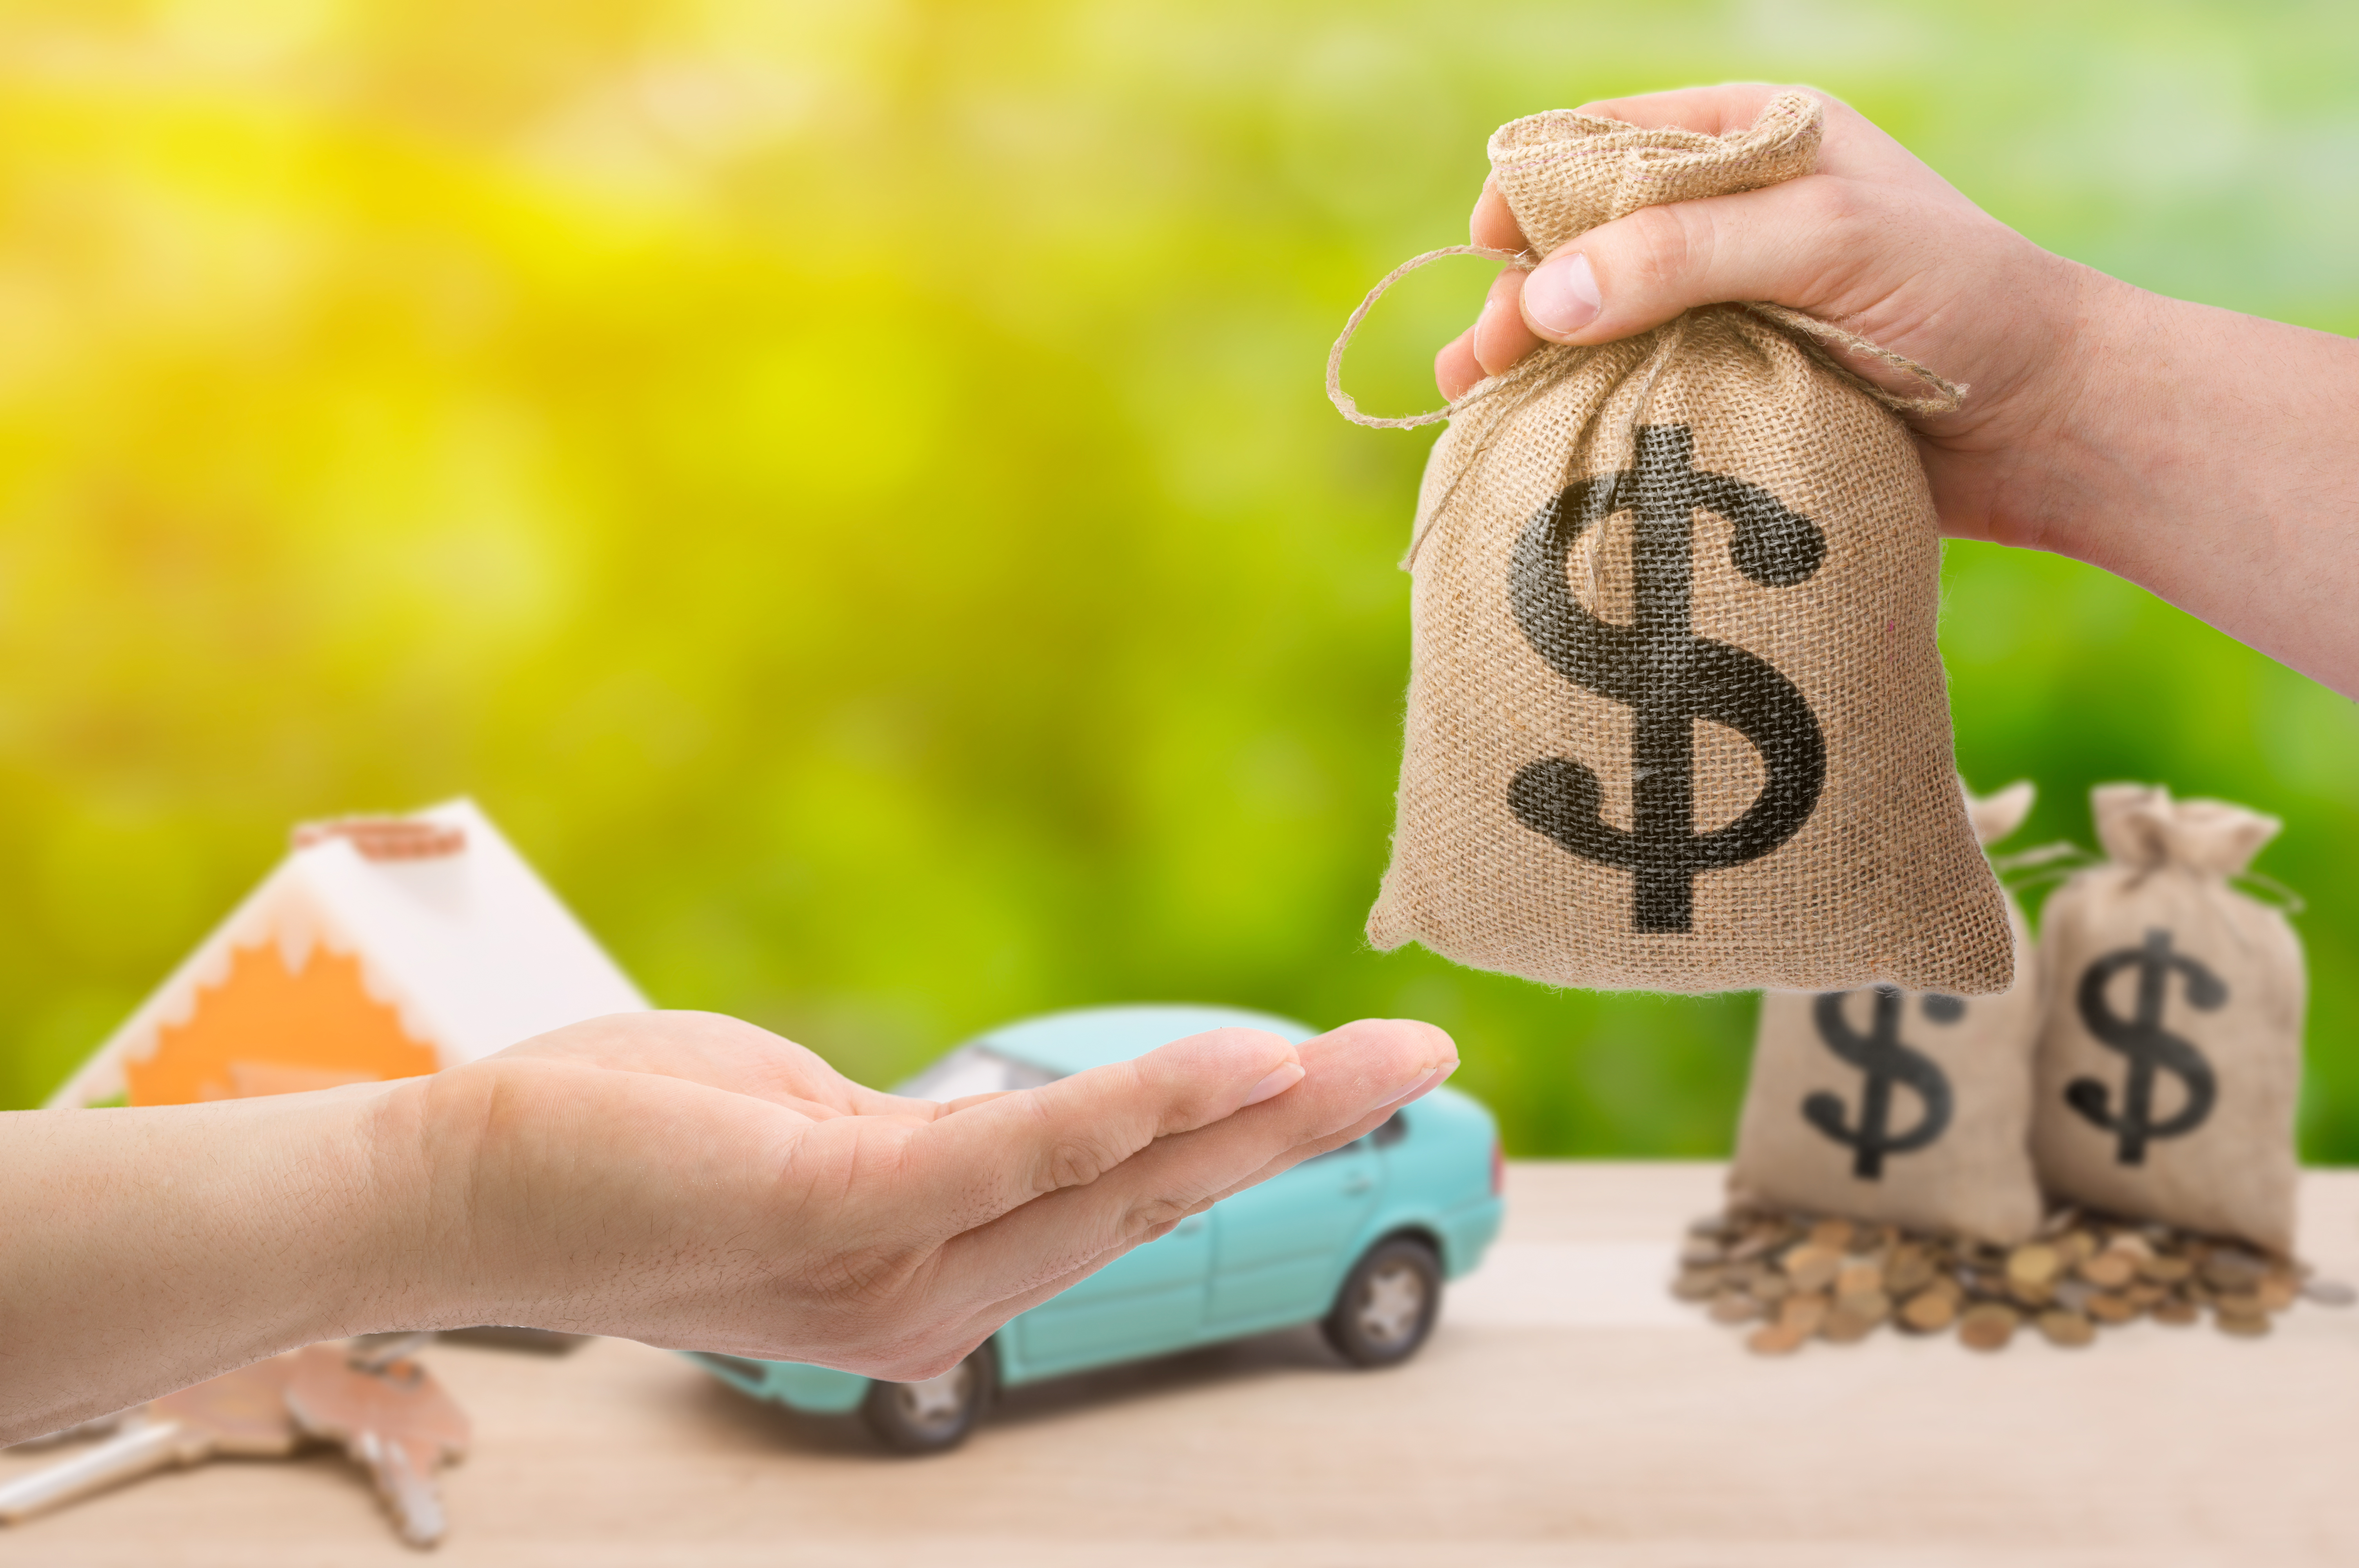 prestito senza busta paga